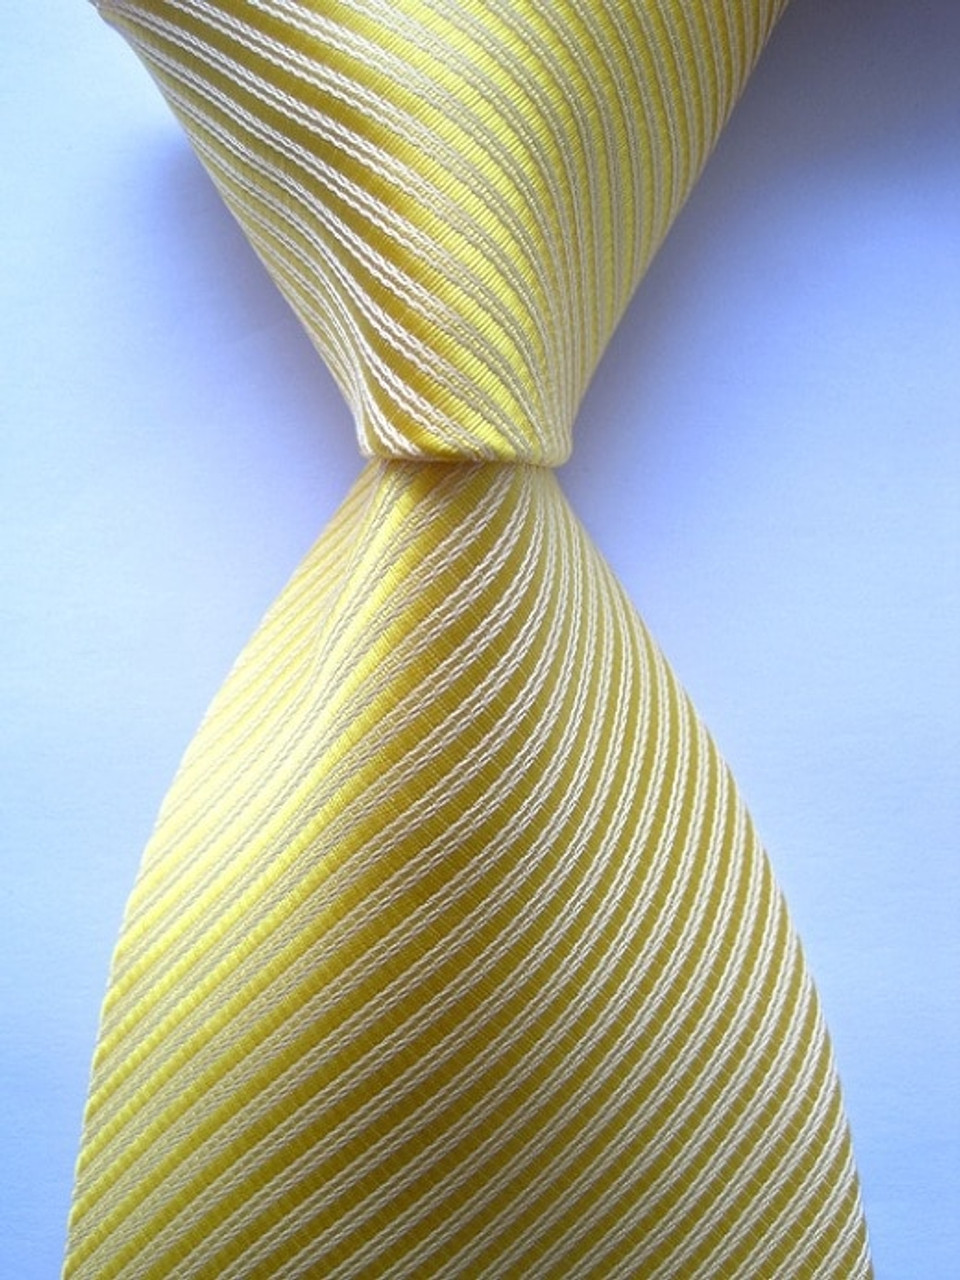 a87659d64981 ... Fashion Classic Solid Striped Plaid Square Mix Color JACQUARD WOVEN Silk  Men's Business Tie Necktie ...